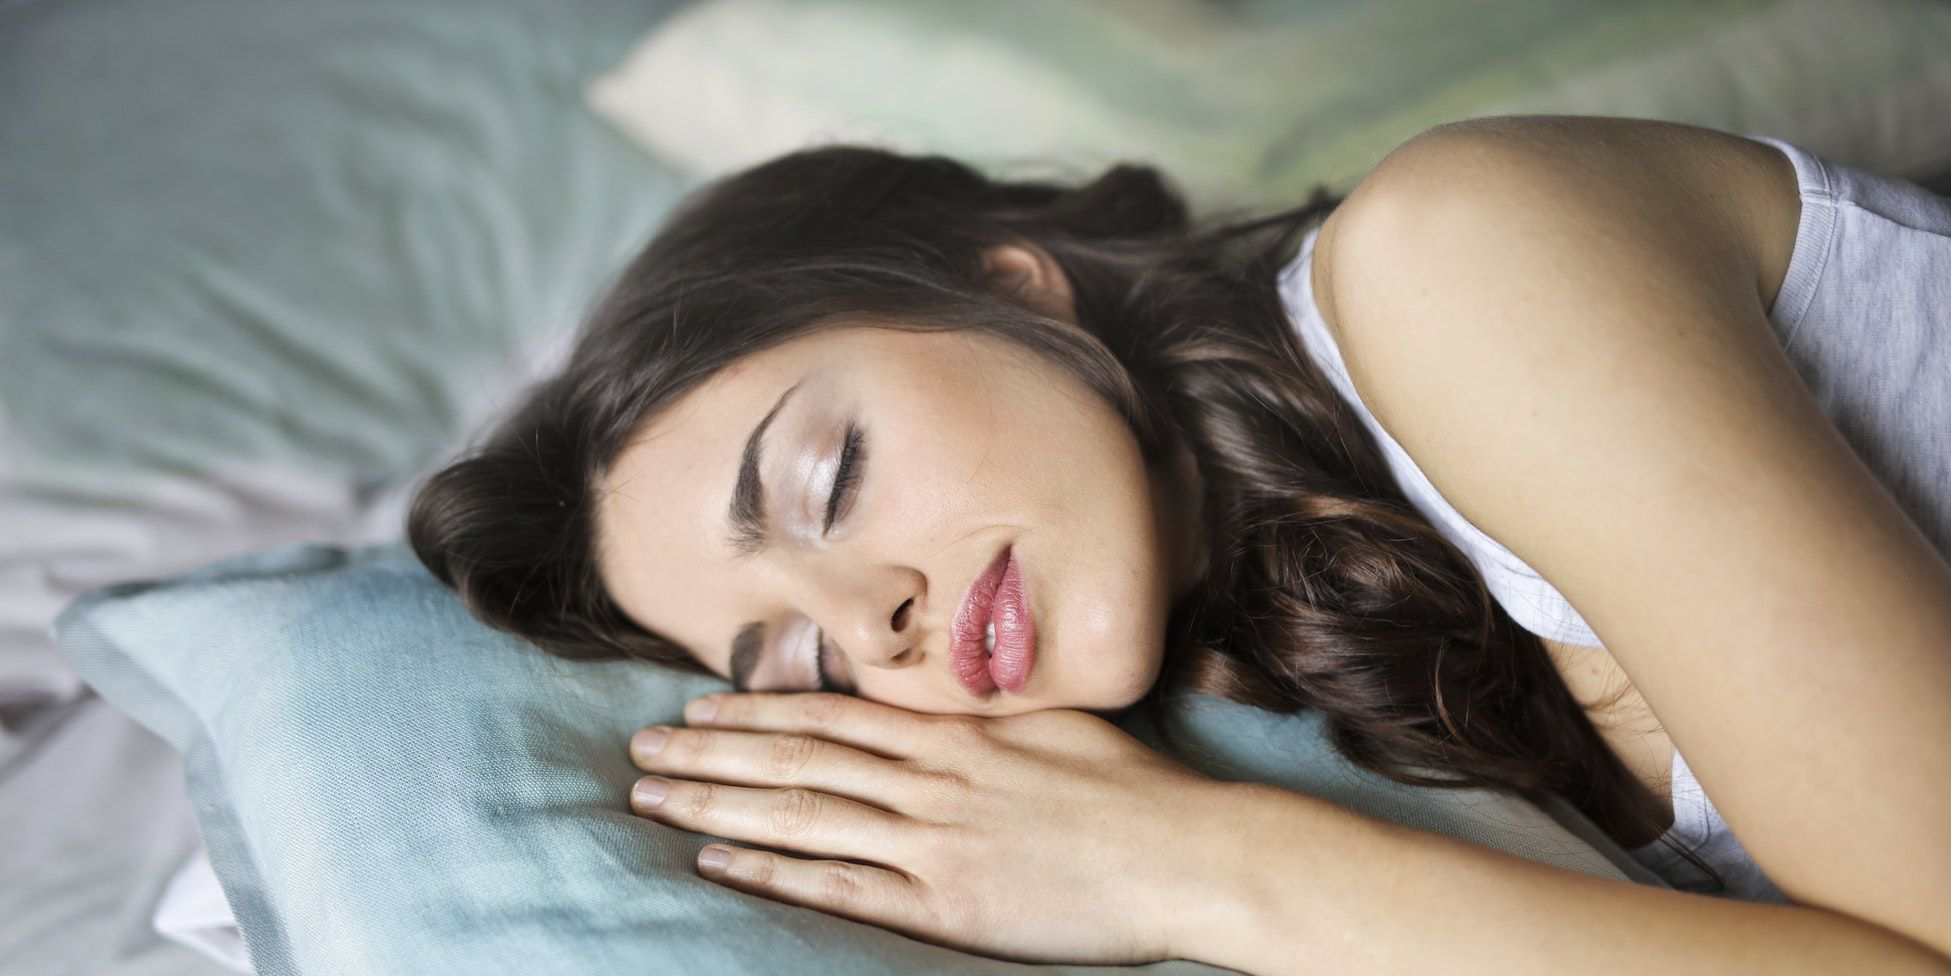 vrouwen-meer-slaap-nodig-mannen